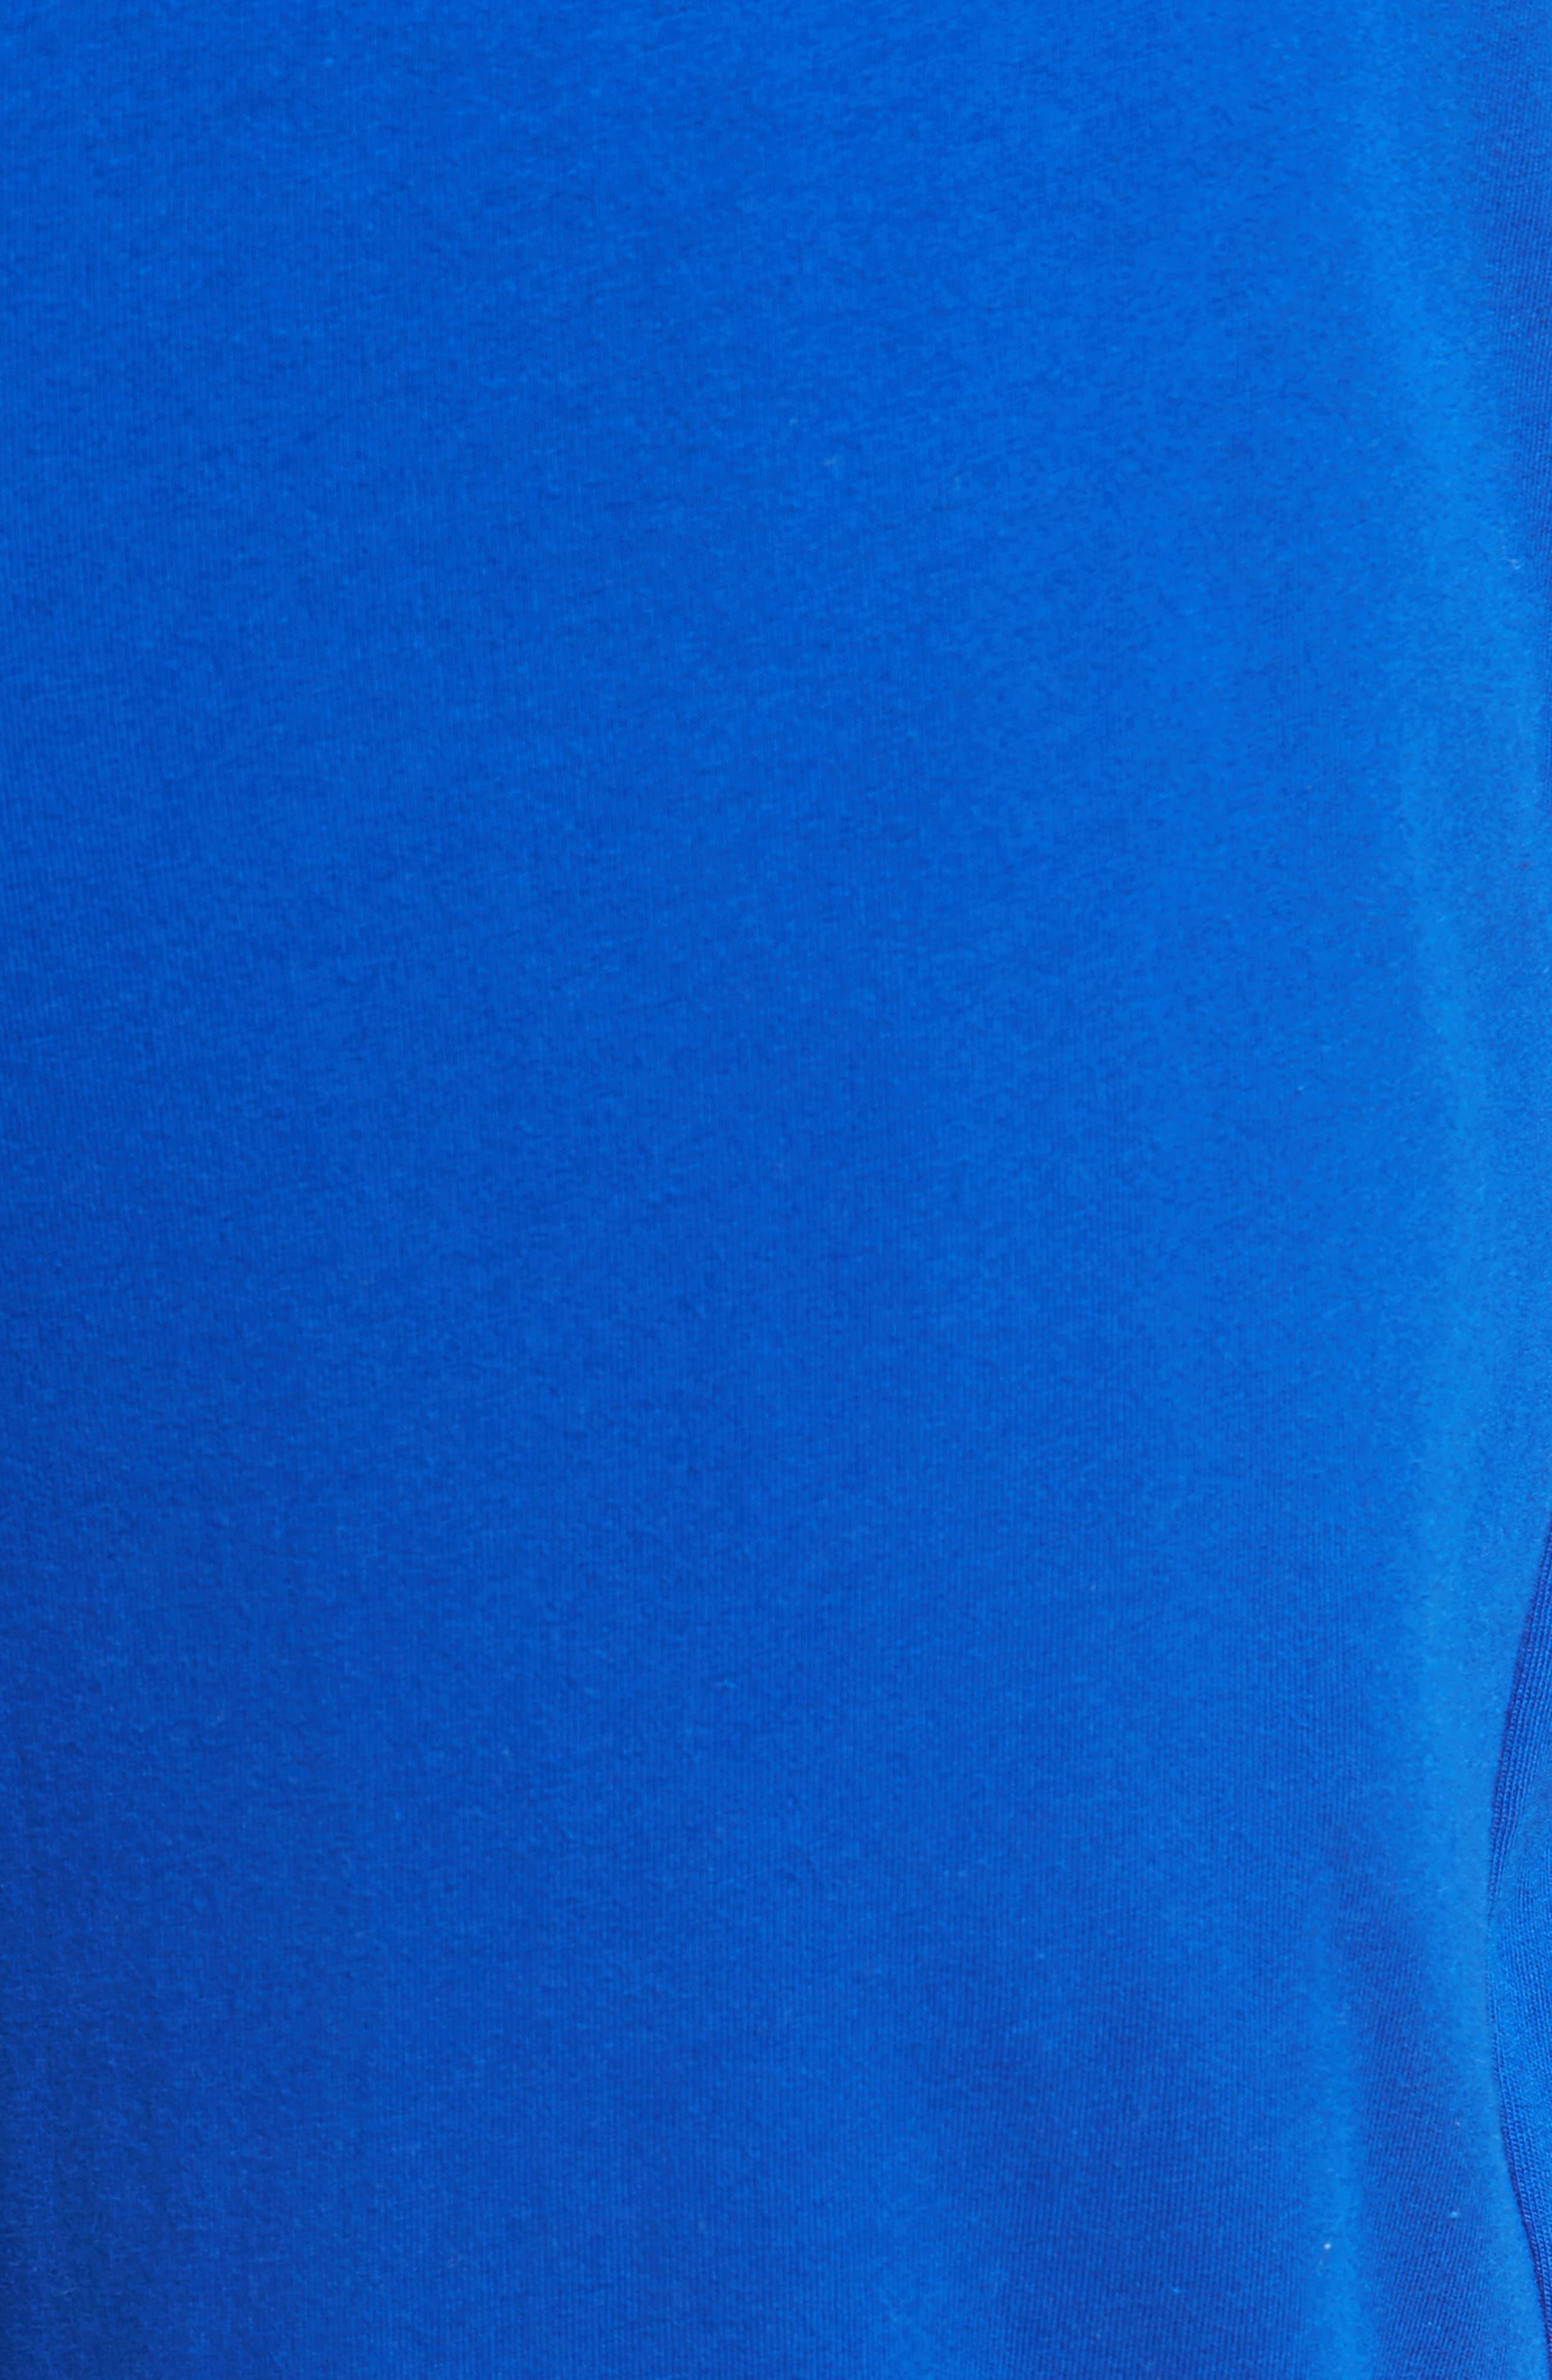 Polo Ralph Lauren Cotton Lounge Pants,                             Alternate thumbnail 5, color,                             Sapphire Star/ Crescent Cream